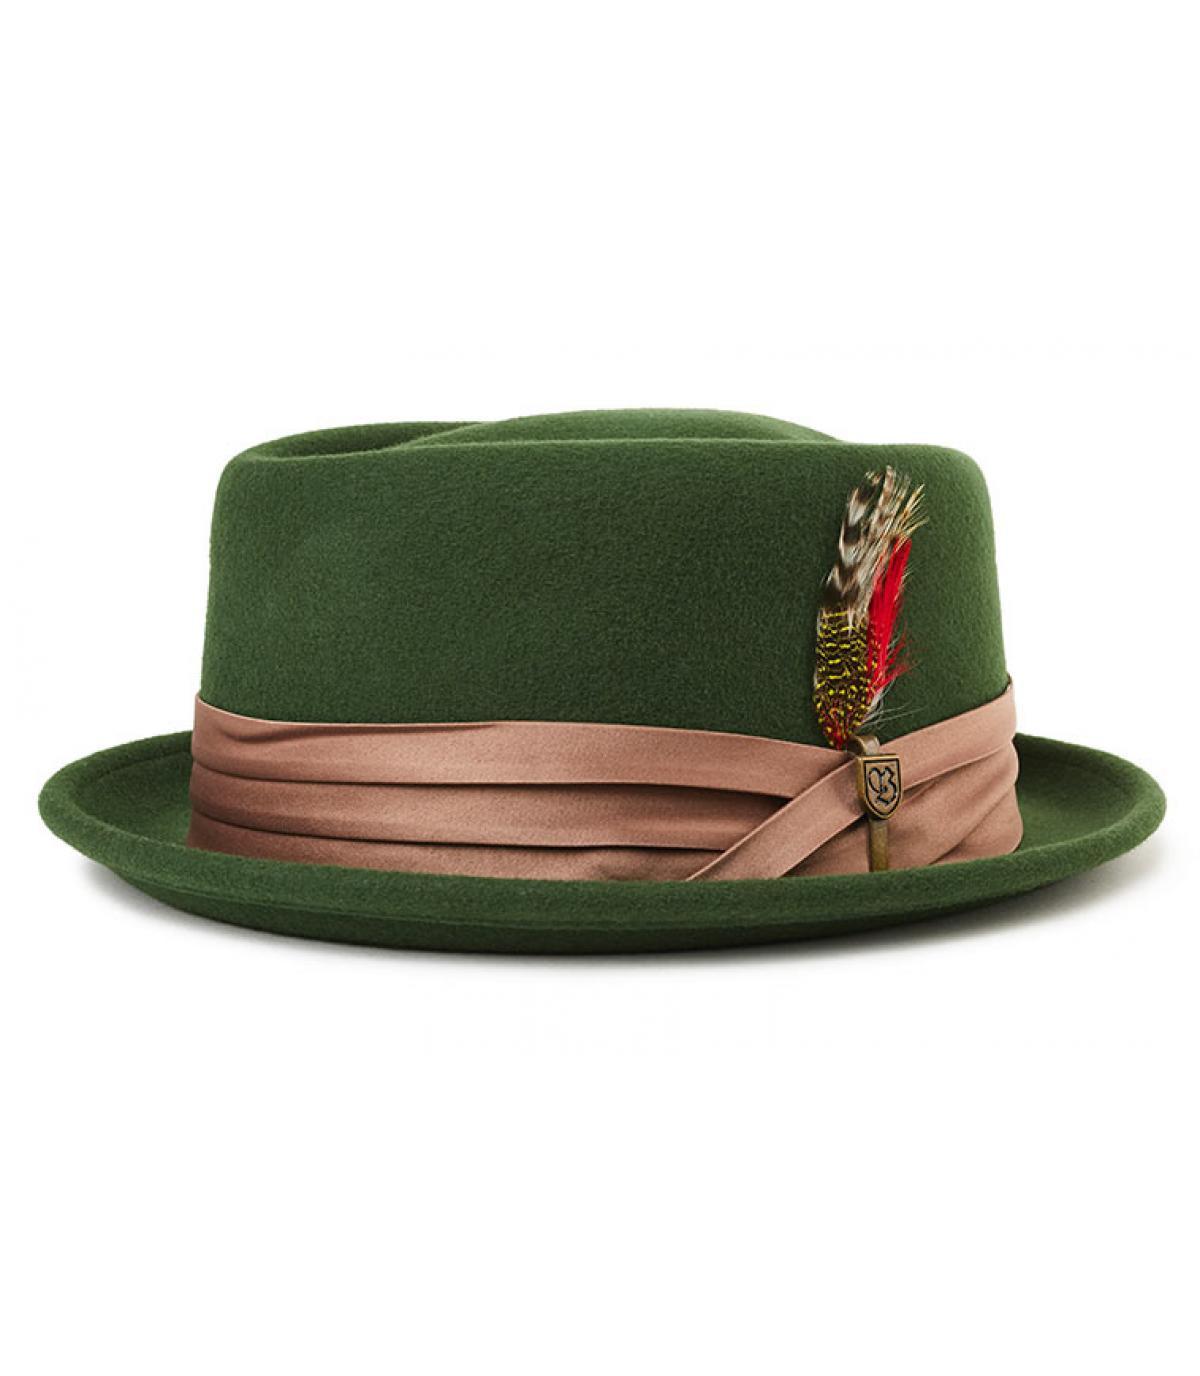 green felt pork pie feather - Stout moss bronze Brixton - image 1 ... 95a82015bd9